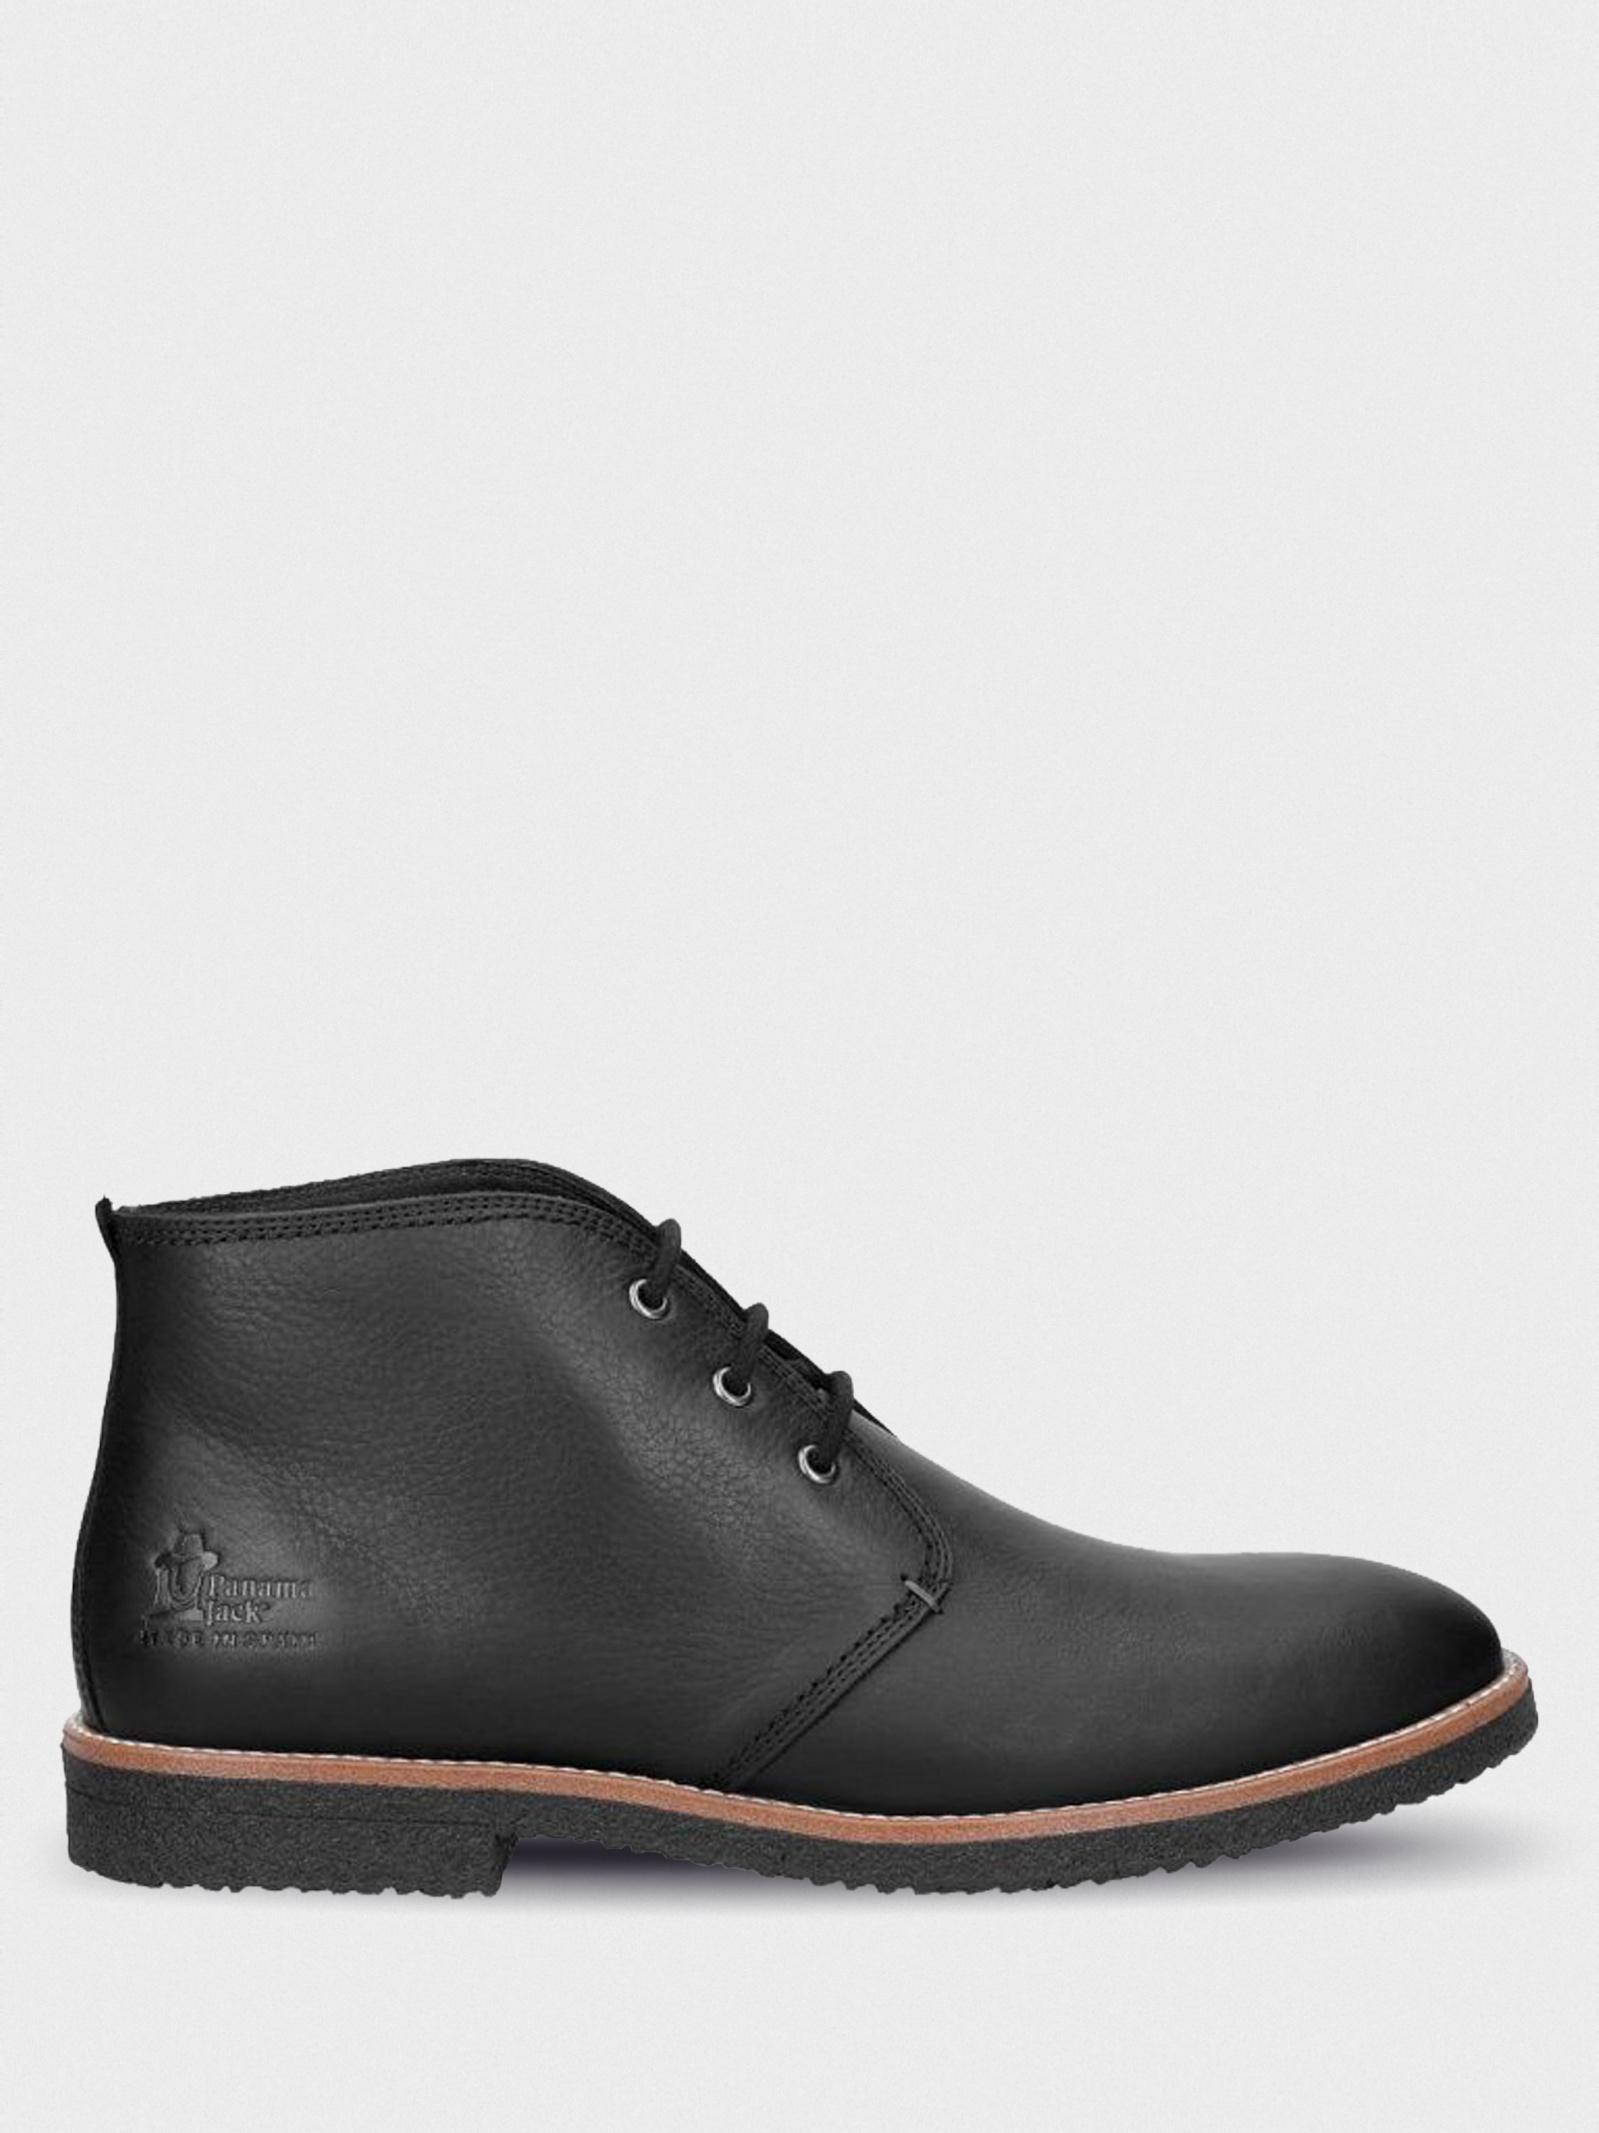 Ботинки для мужчин Panama Jack PX110 продажа, 2017